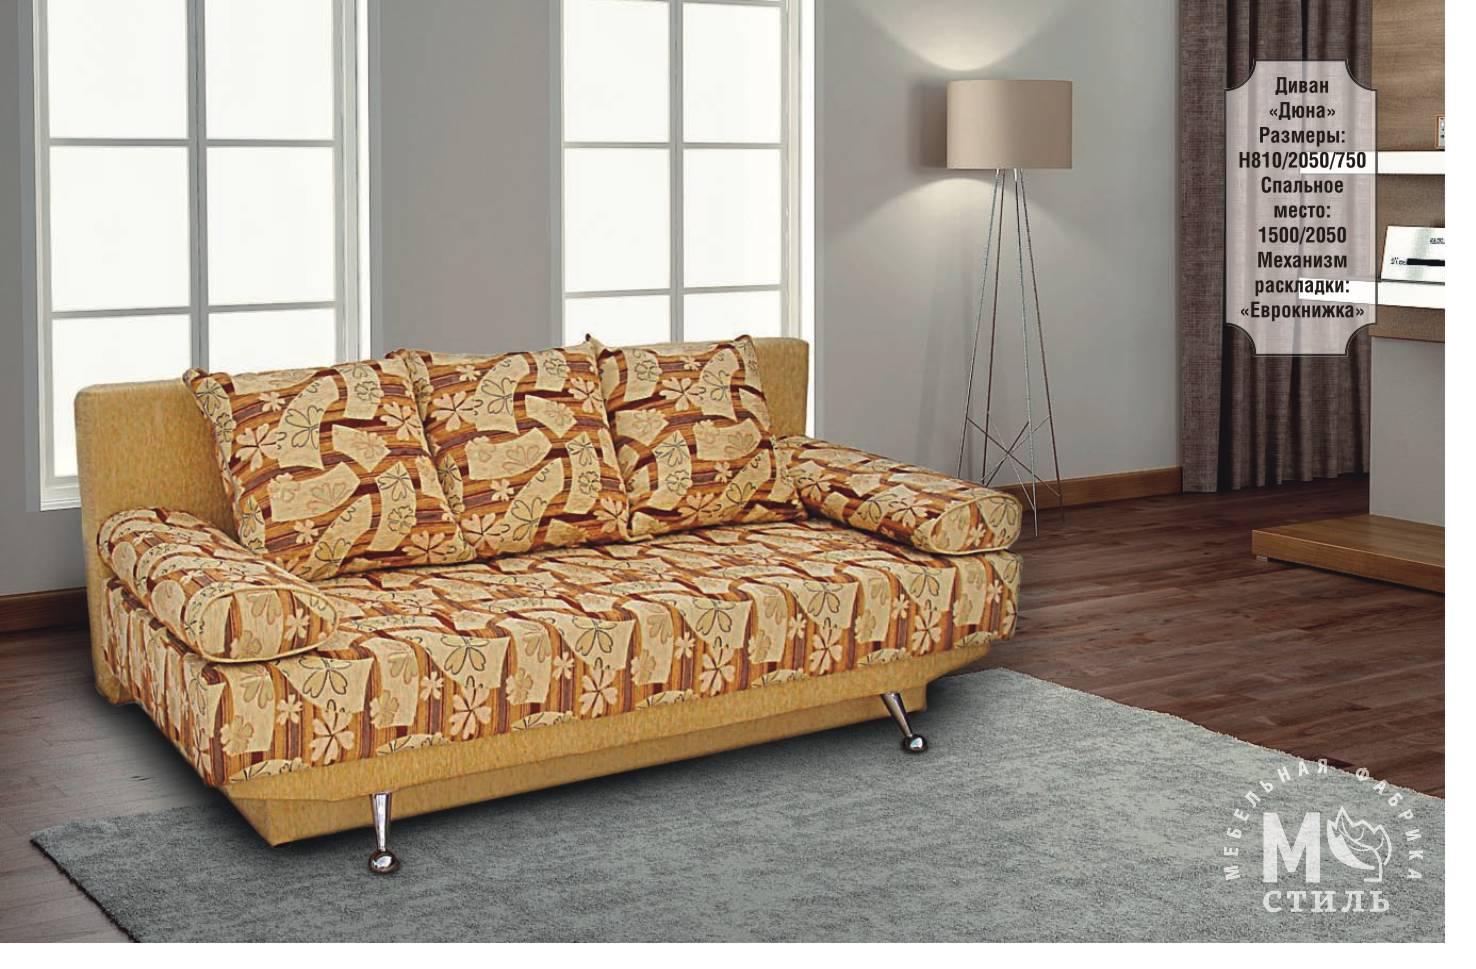 Мягкая мебель премьер фото 7